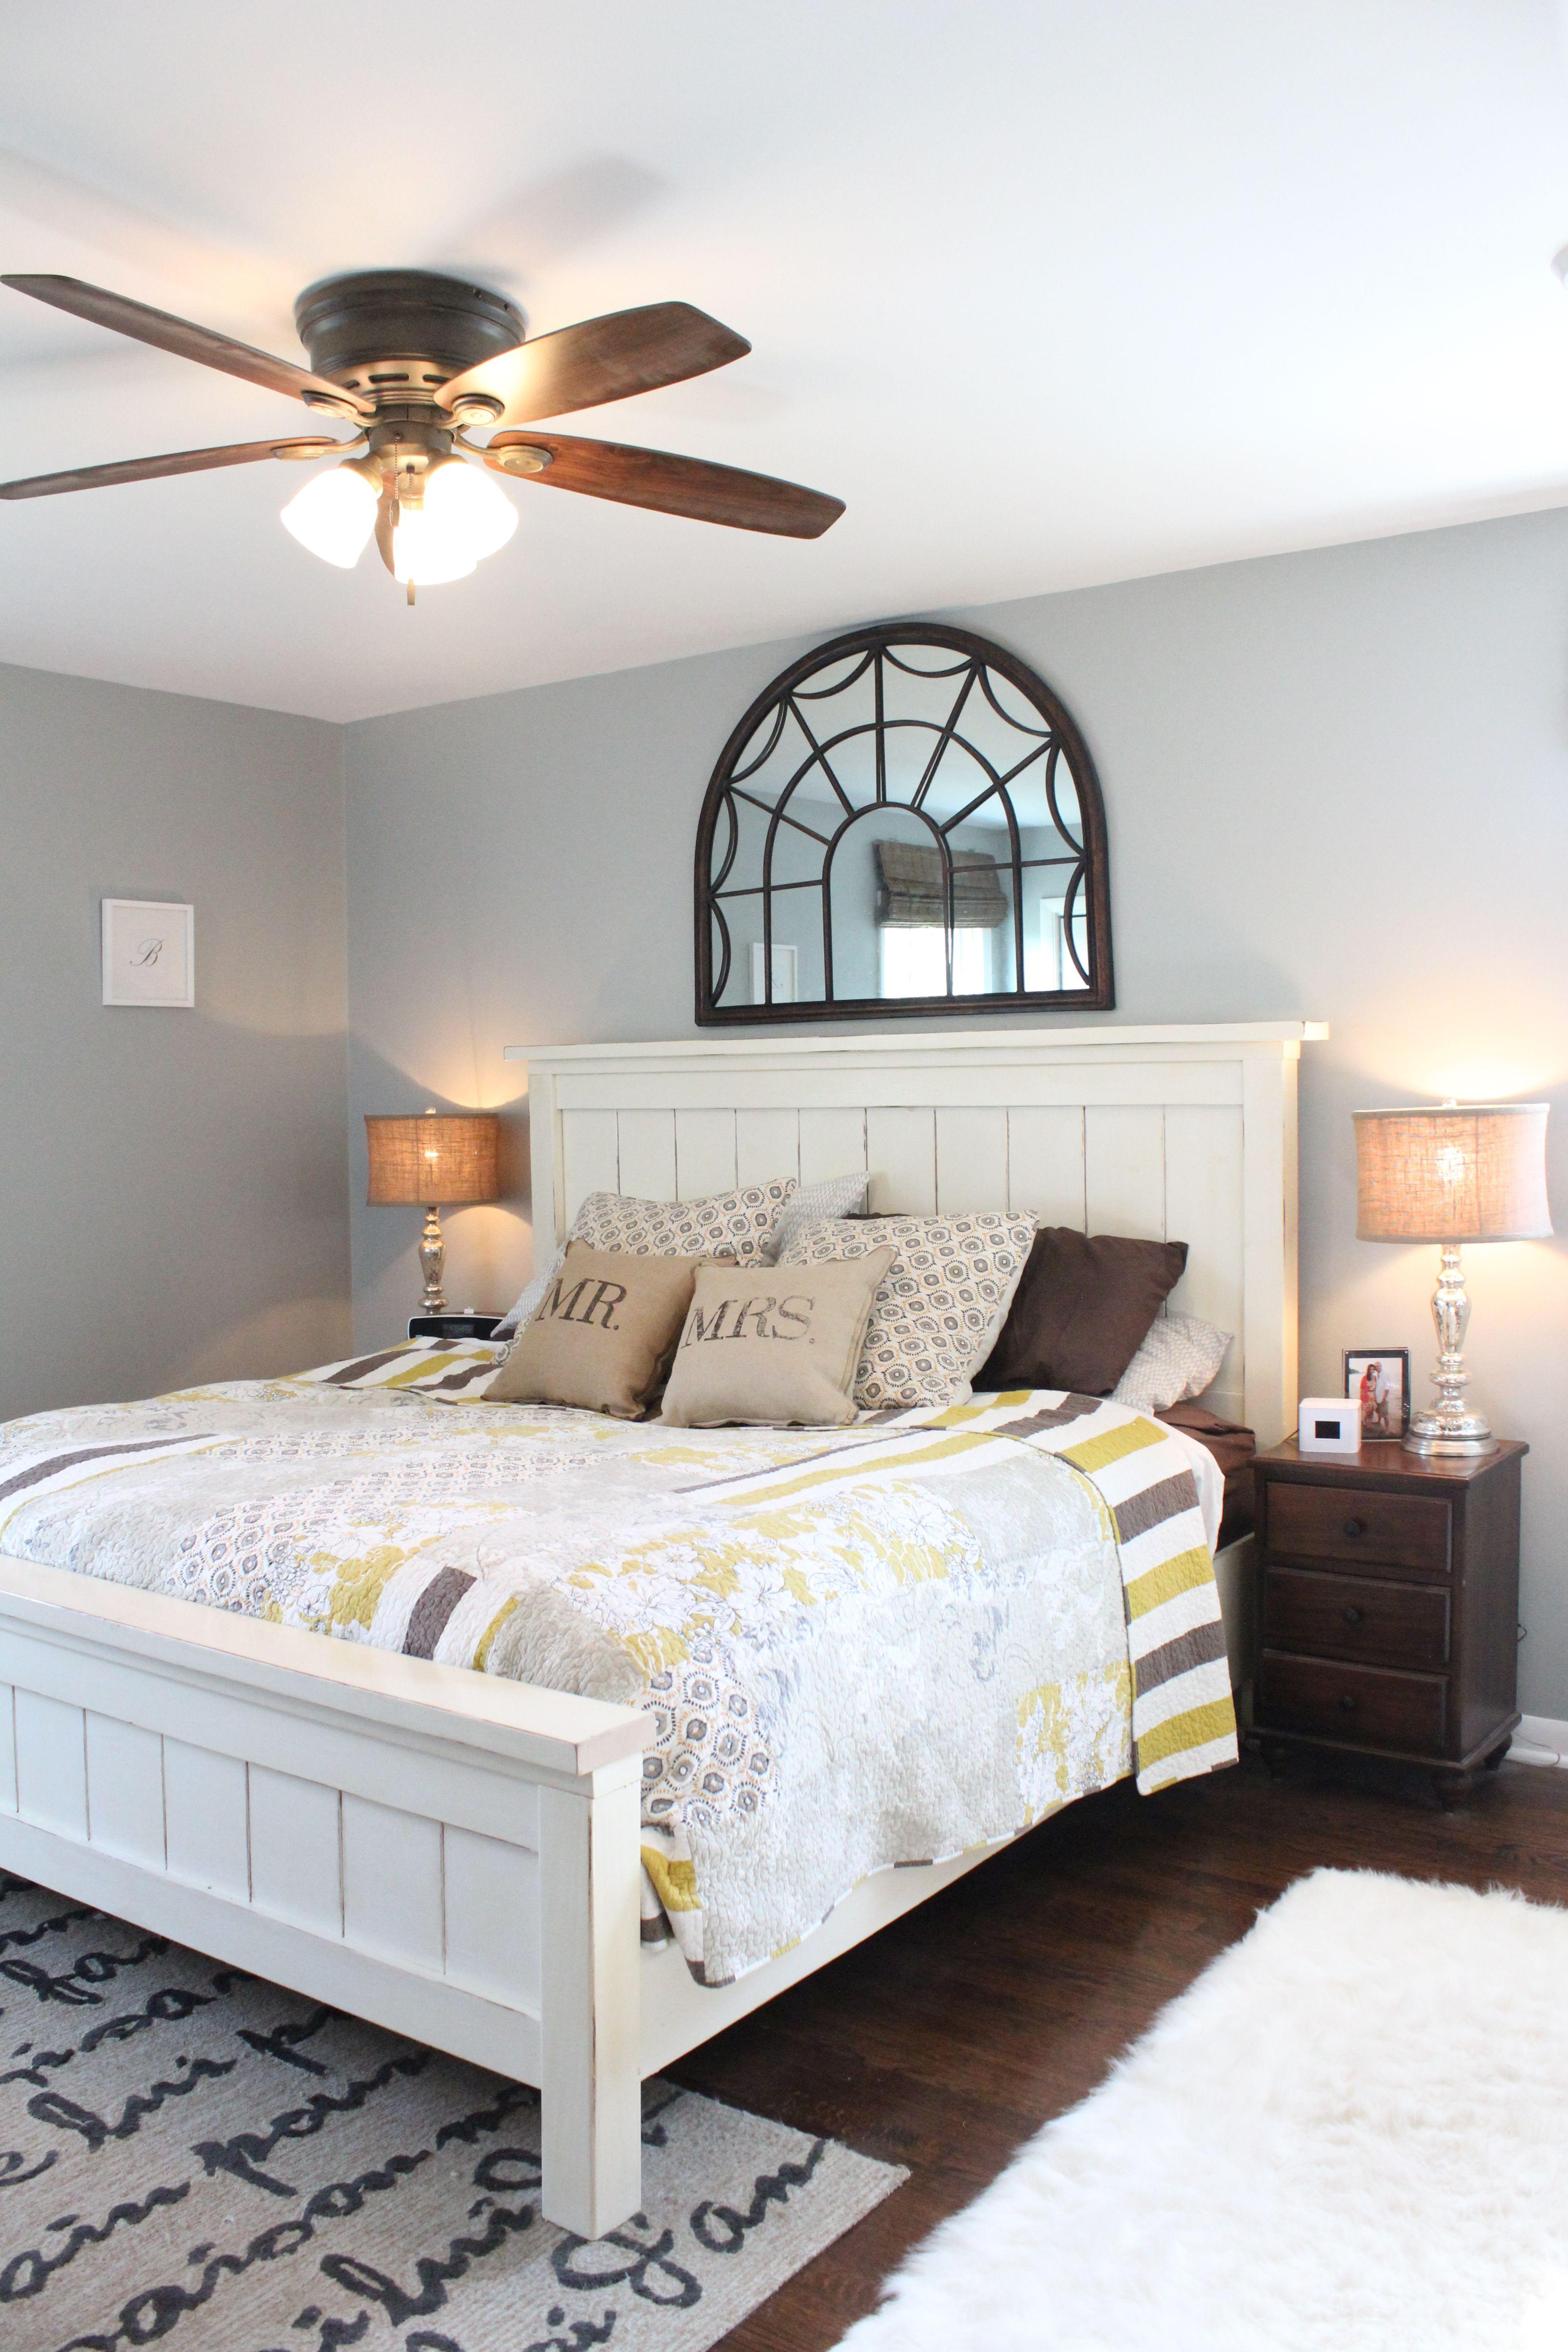 Beste Benjamin Moore Farben Für Schlafzimmer (mit Bildern